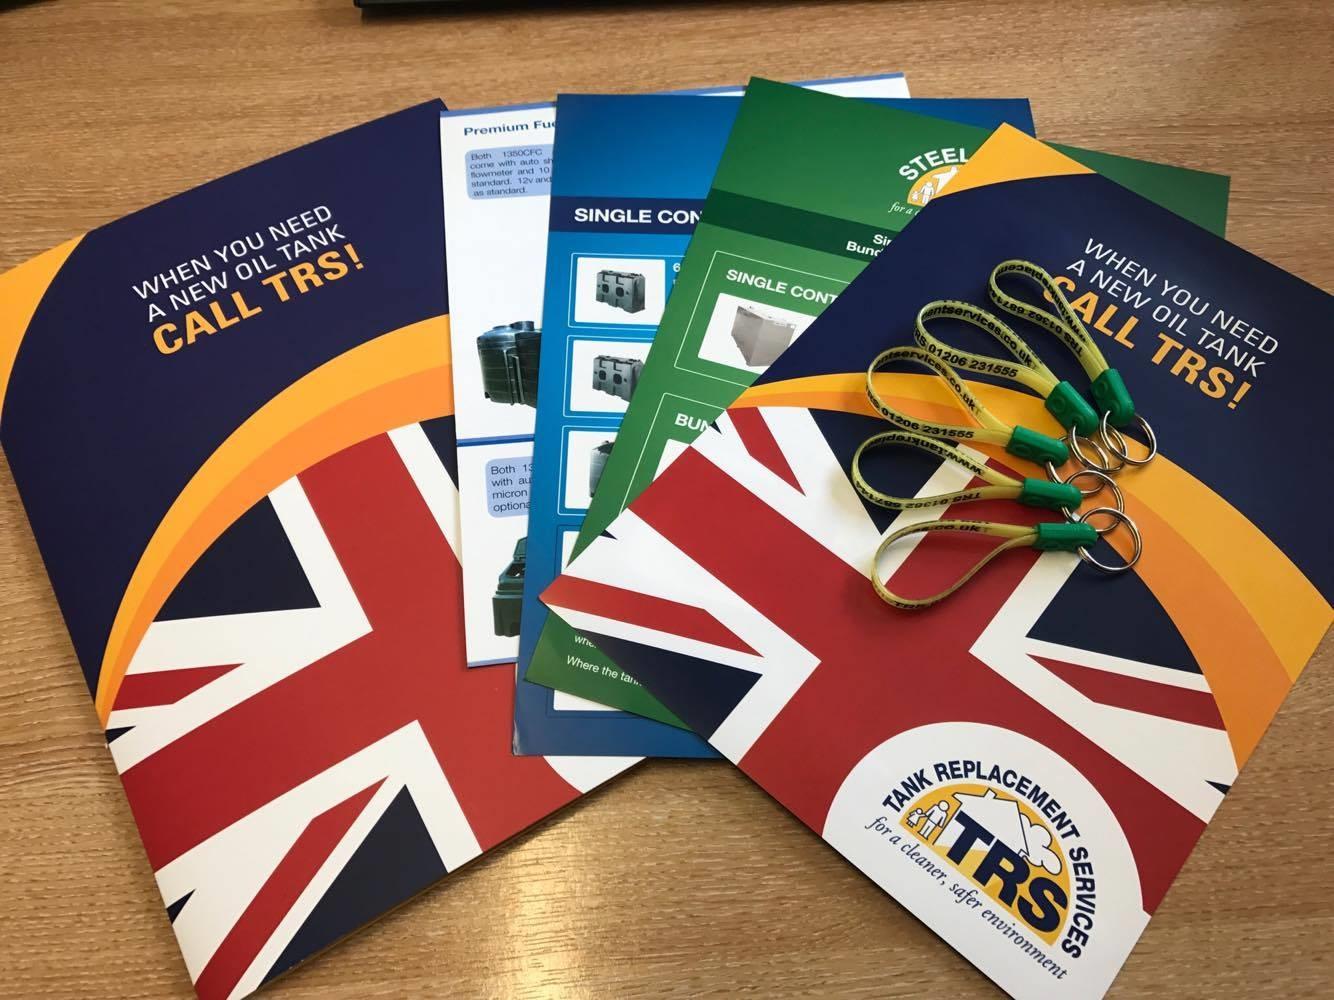 Show brochures